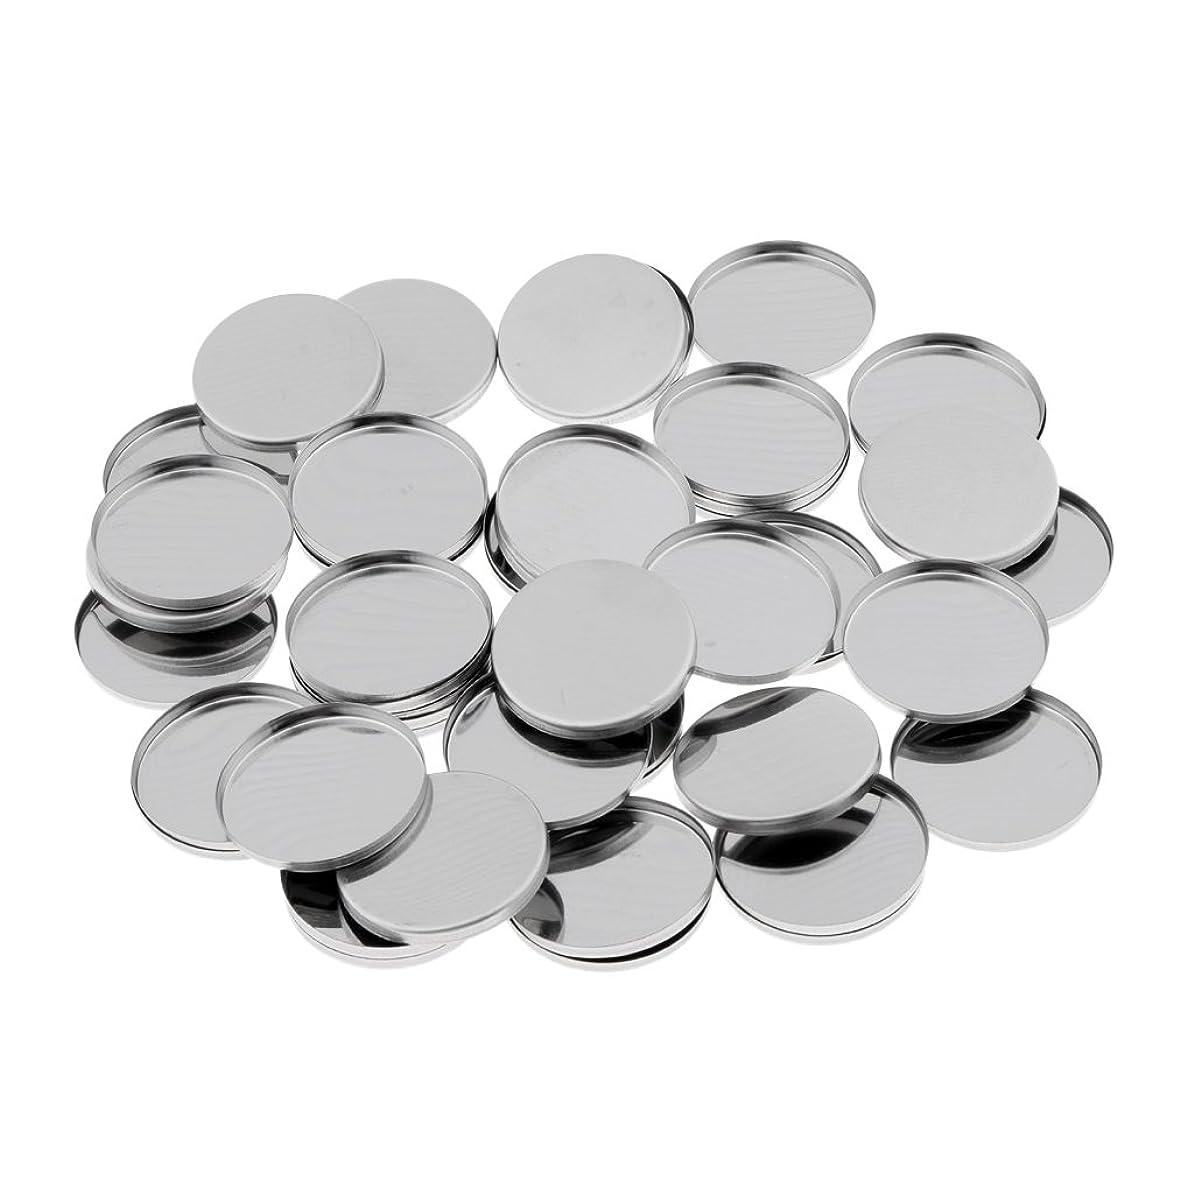 ファンブル印刷する高さKesoto 約50個 メイクアップパン ラウンド 磁気 DIY 化粧品 収納容器 空パン 金属 便利 旅行